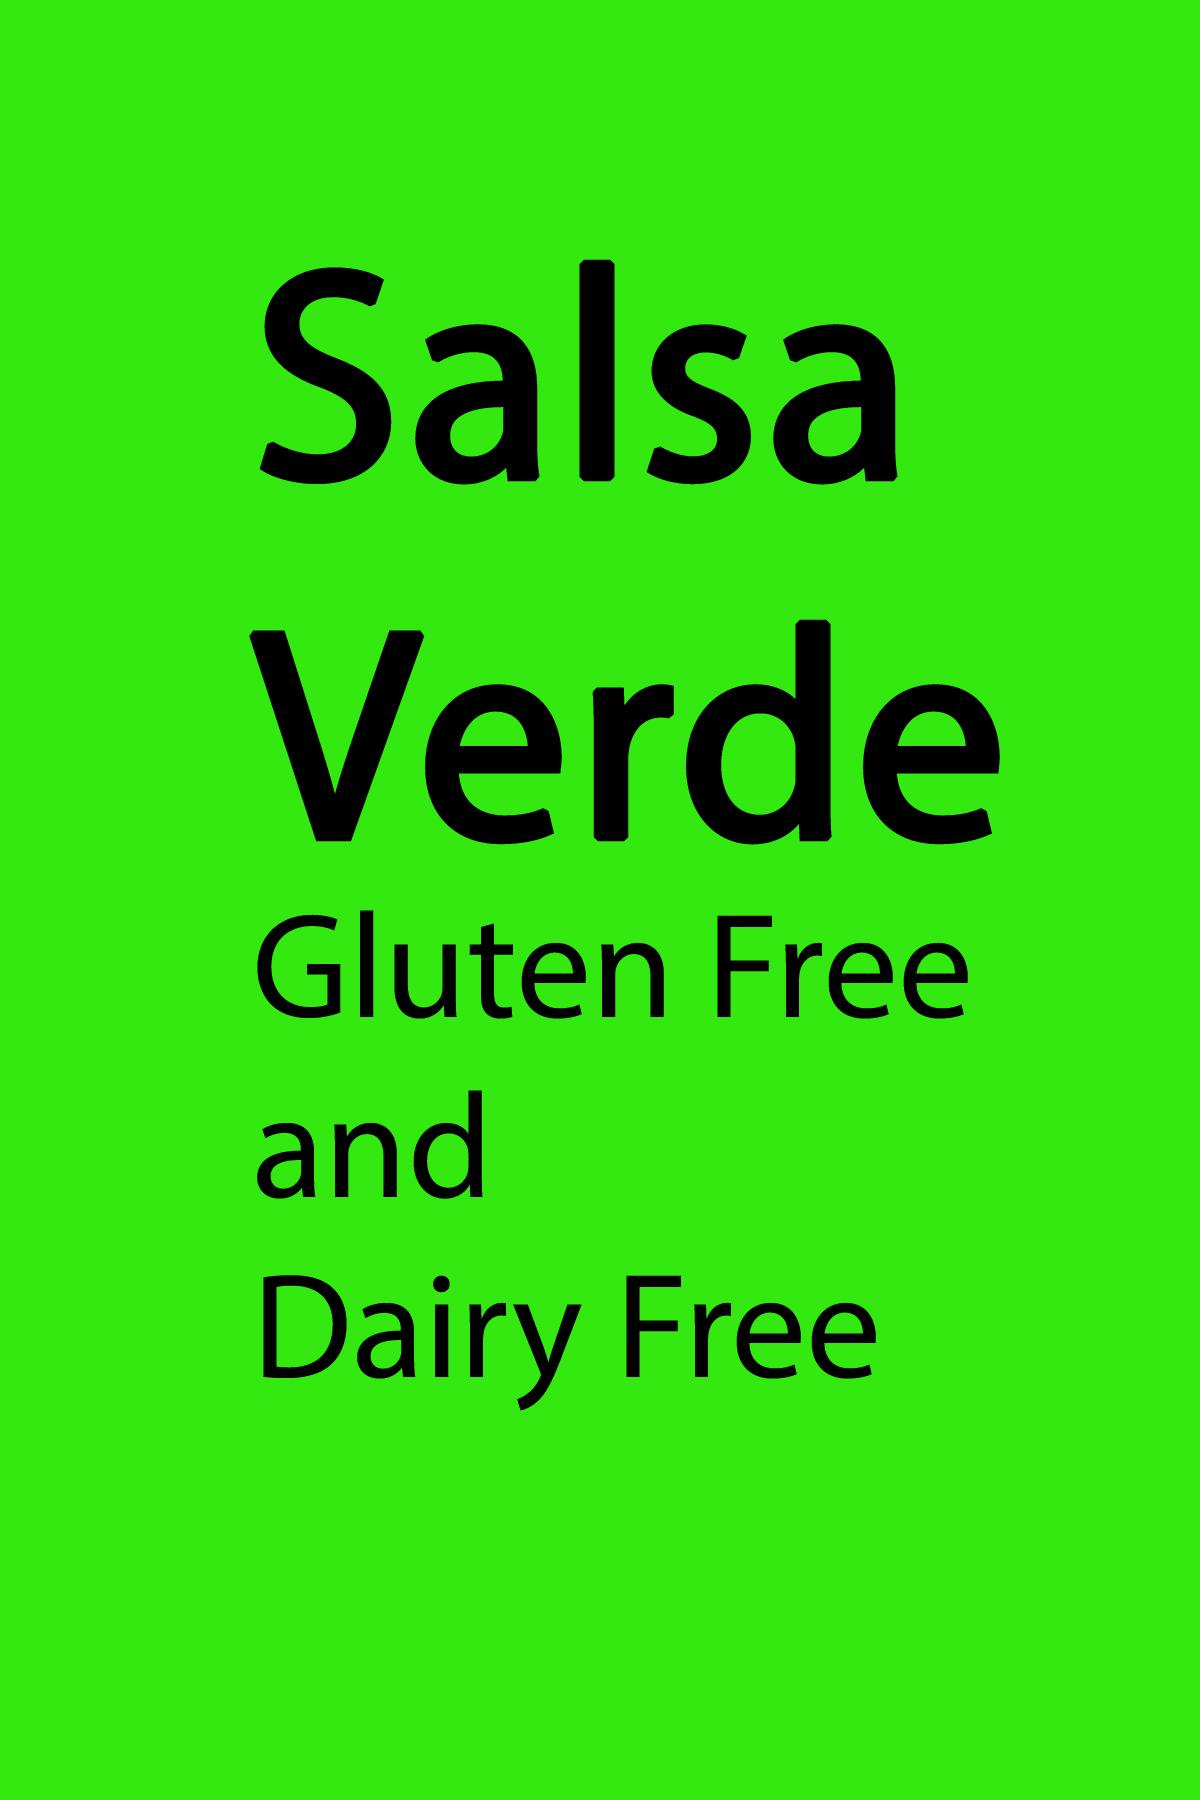 Salsa Verde Recipe Gluten Free Dairy Free